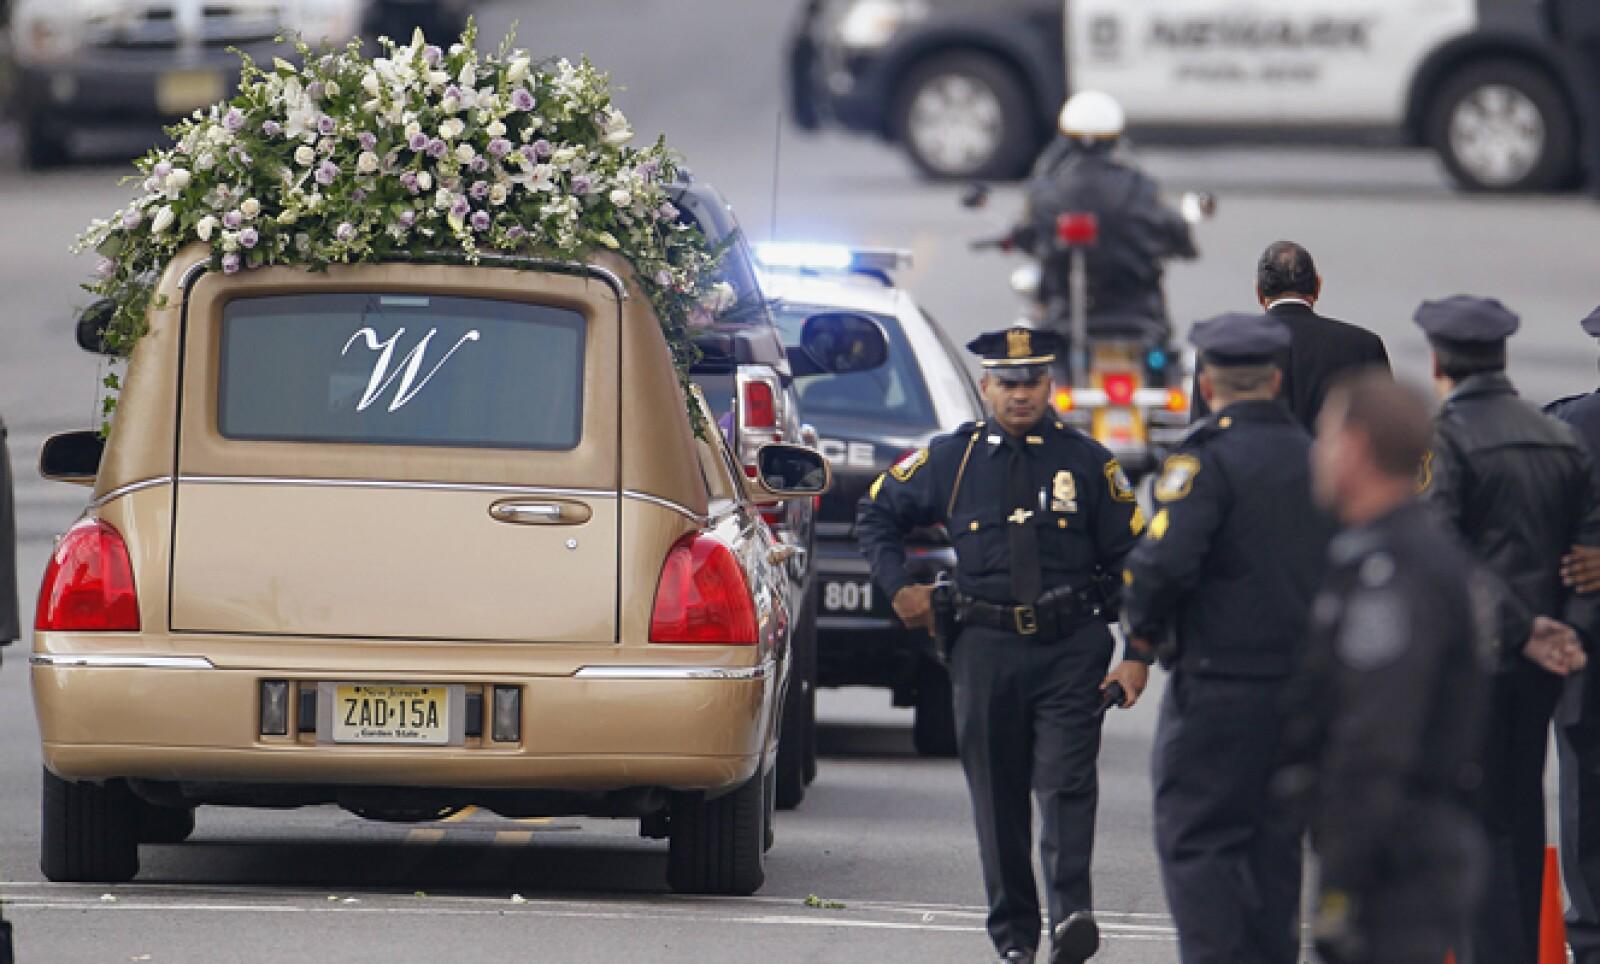 La familia de artista decidió no hacer un funeral público, pero accedieron a permitir que el servicio fuera transmitido en vivo por las cadenas de televisión e Internet.